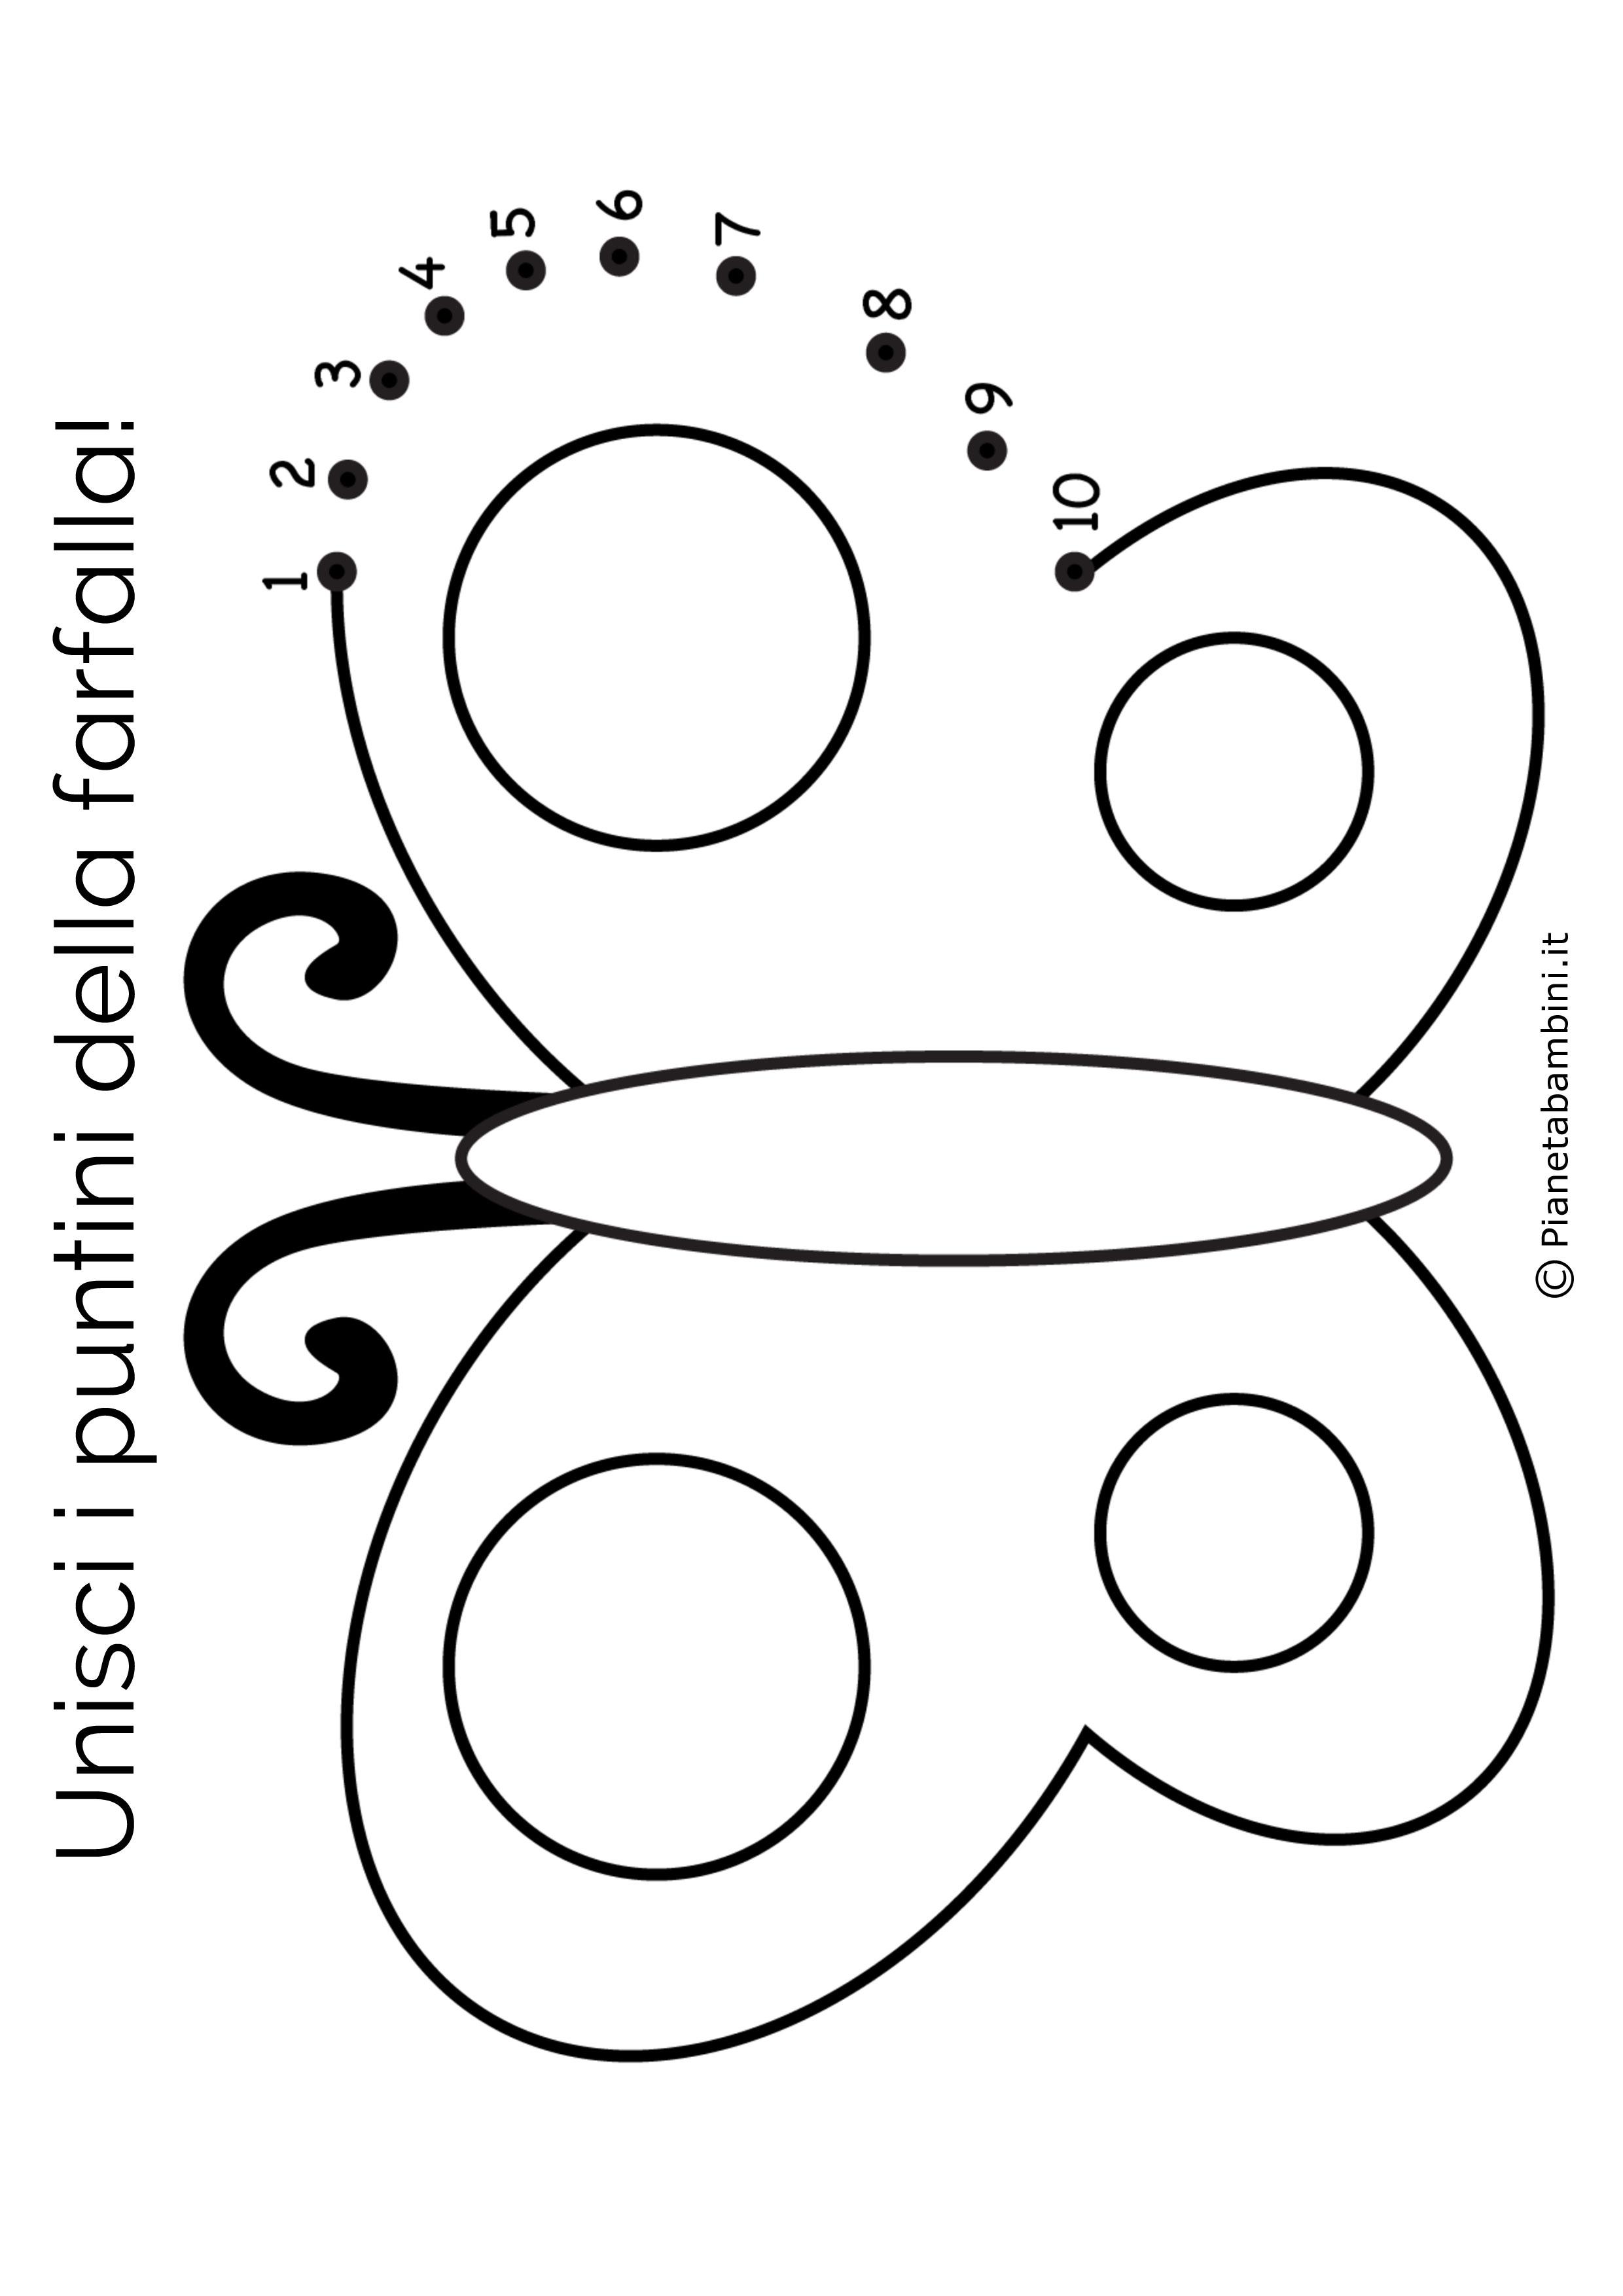 Unisci-Puntini-Farfalla